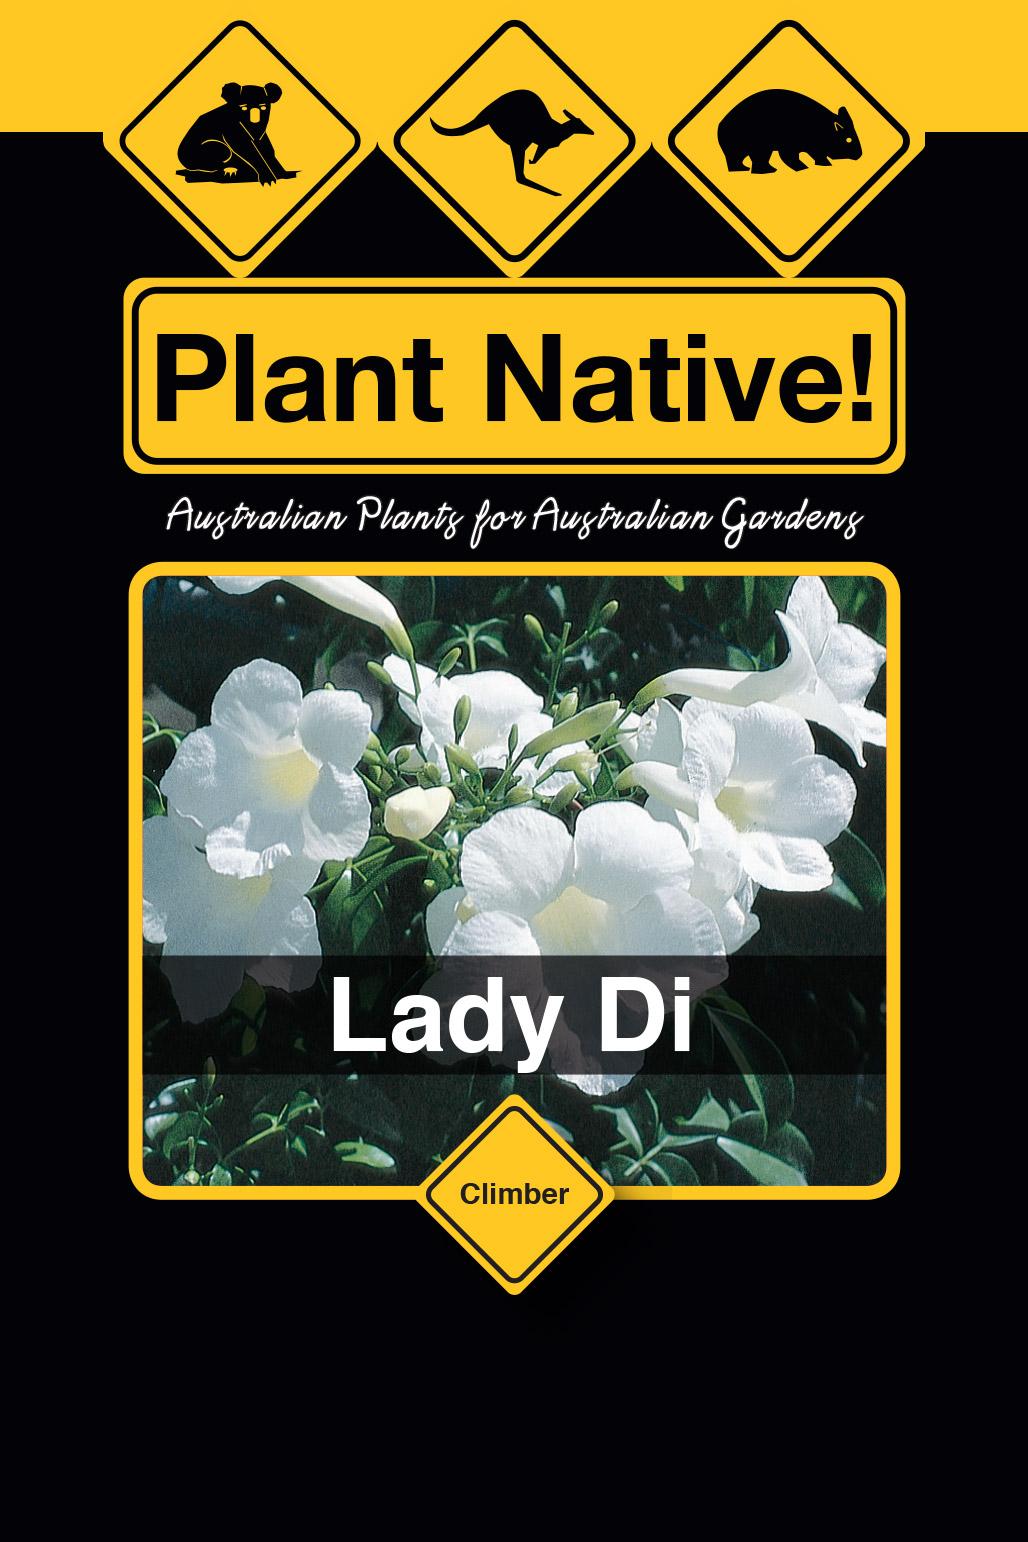 Lady Di - Plant Native!